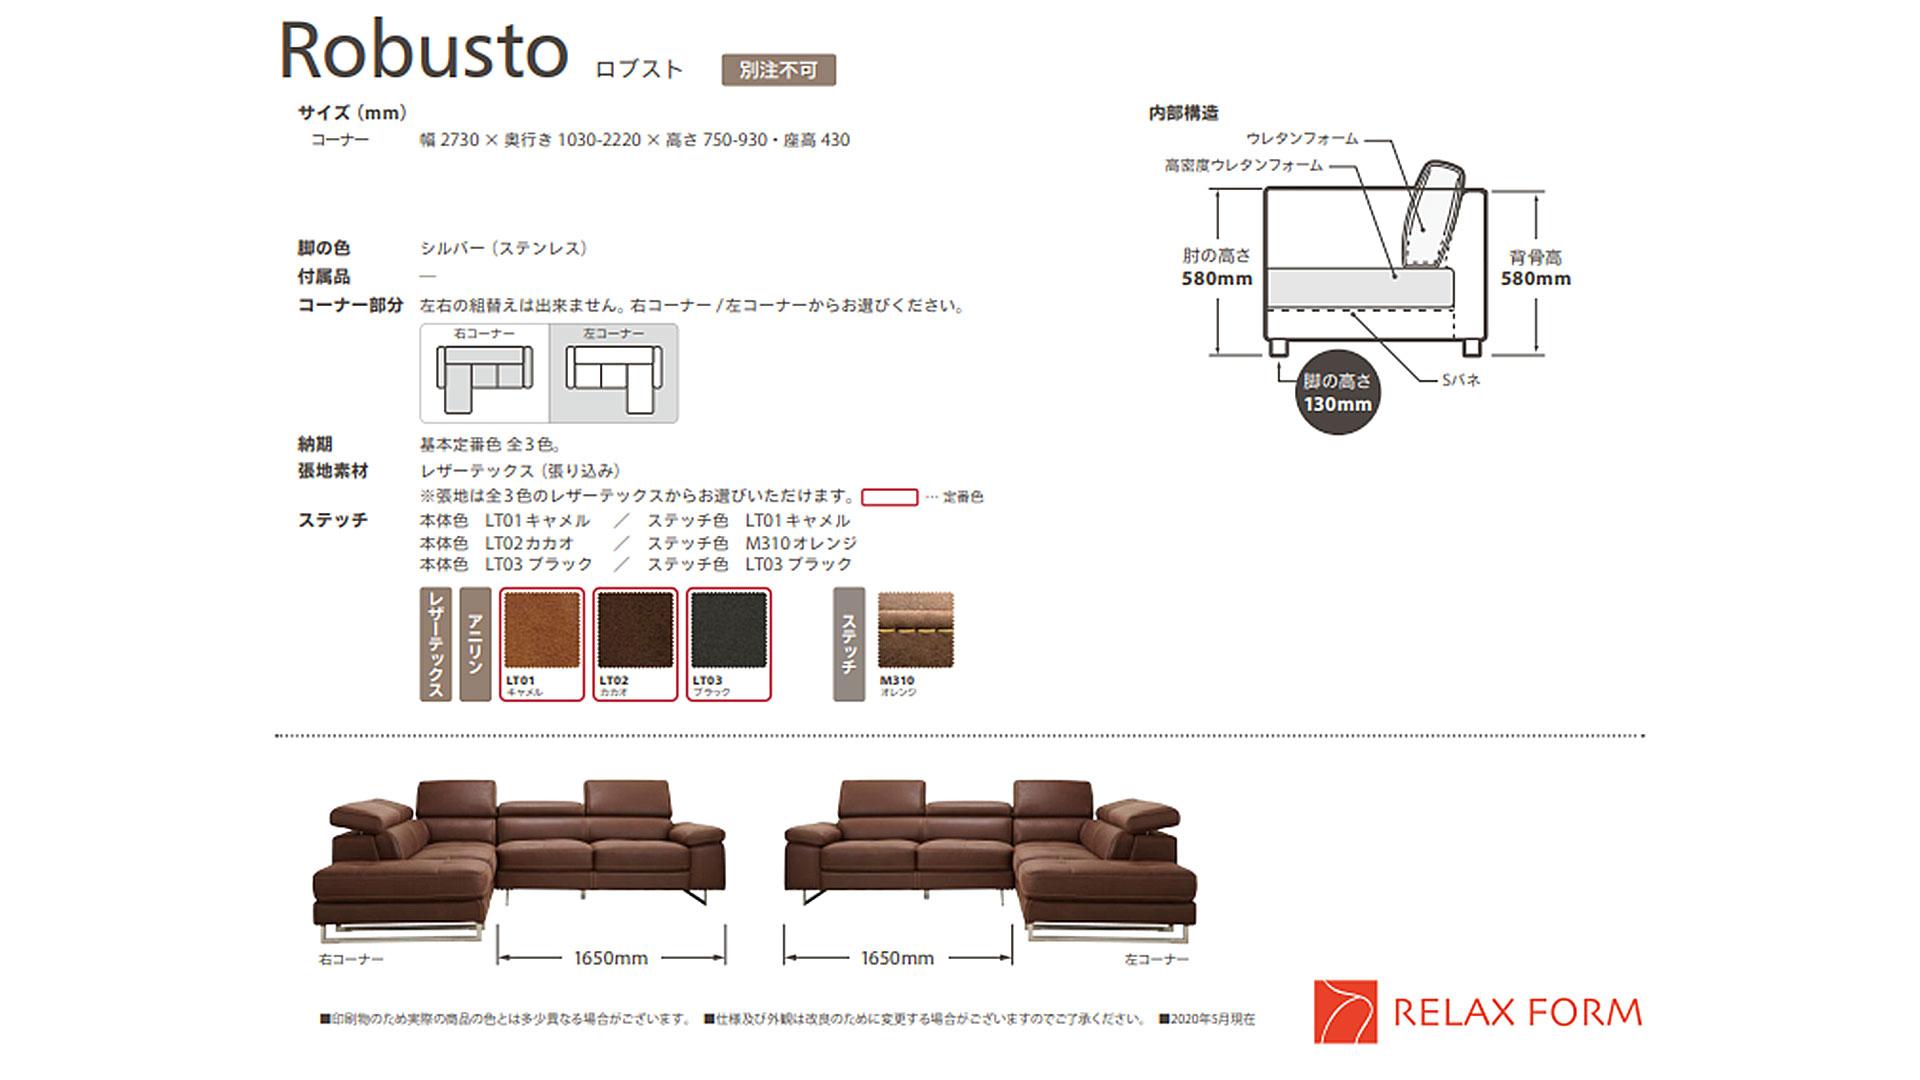 関家具のリラックスフォームのコーナーソファロブストの詳細画像